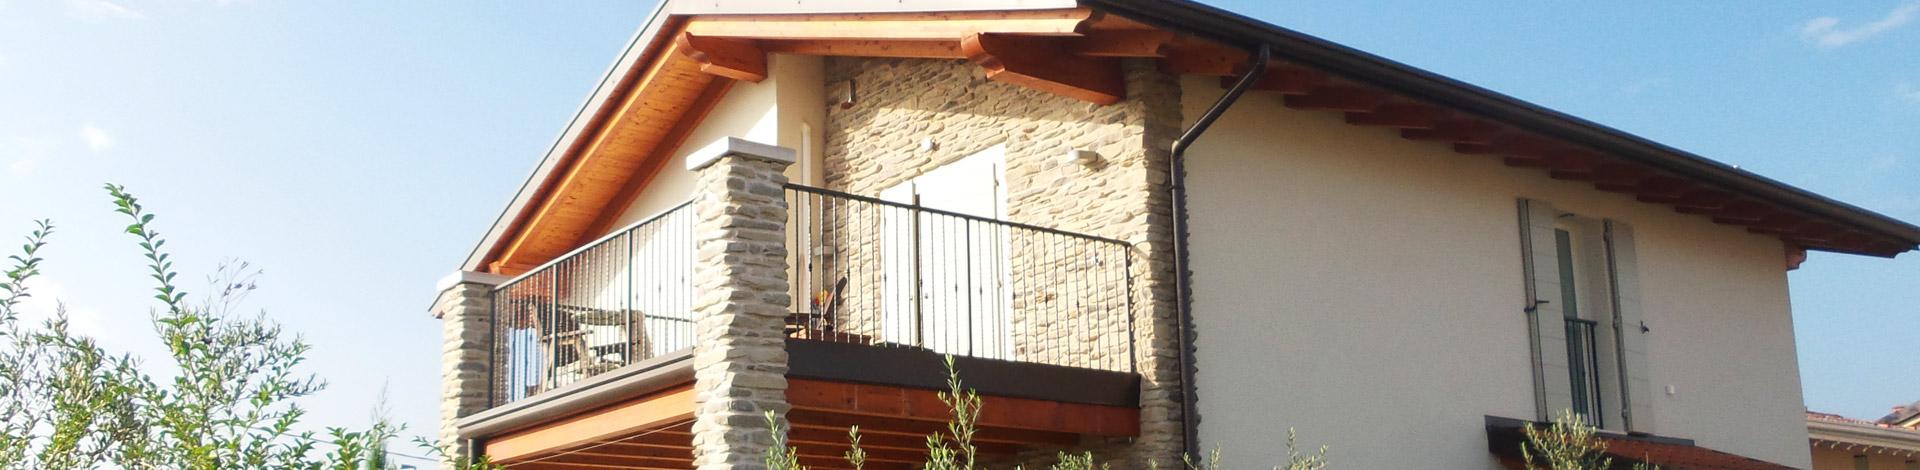 Come progettare una casa in legno sistem costruzioni for Progettare una casa